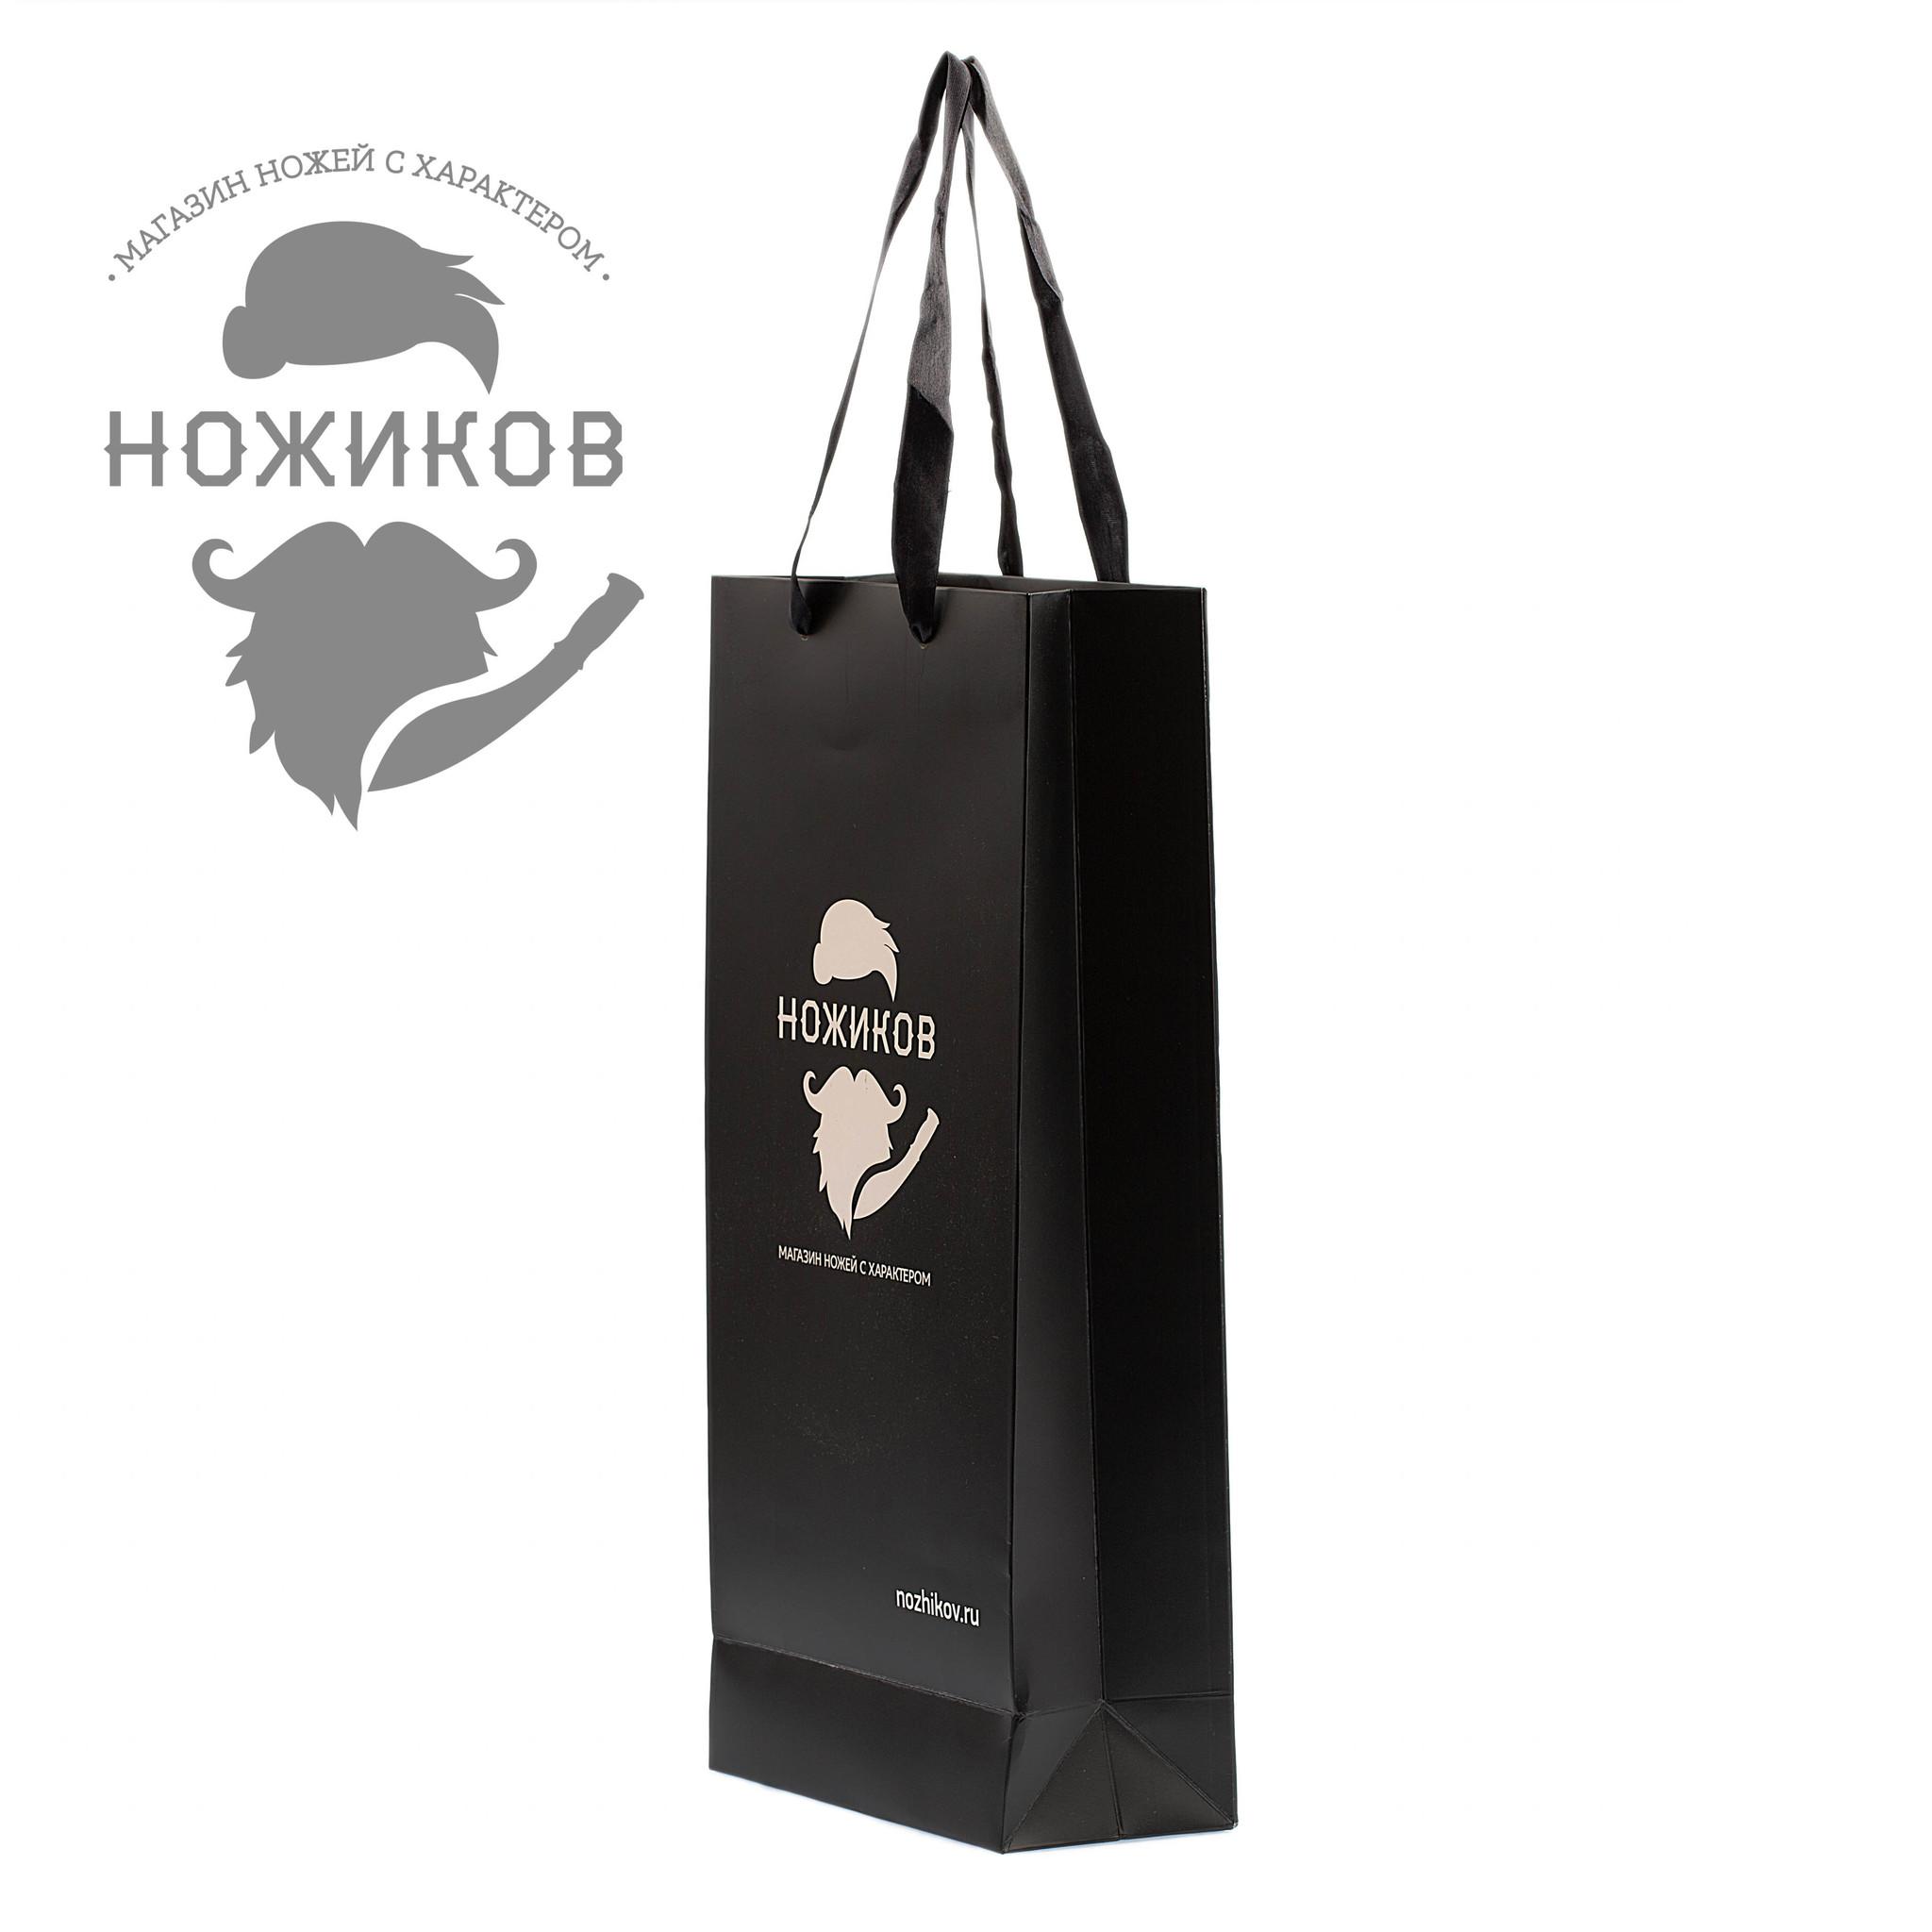 Фото 14 - Подарочный пакет, размеры 45х21х10 от Nozhikov